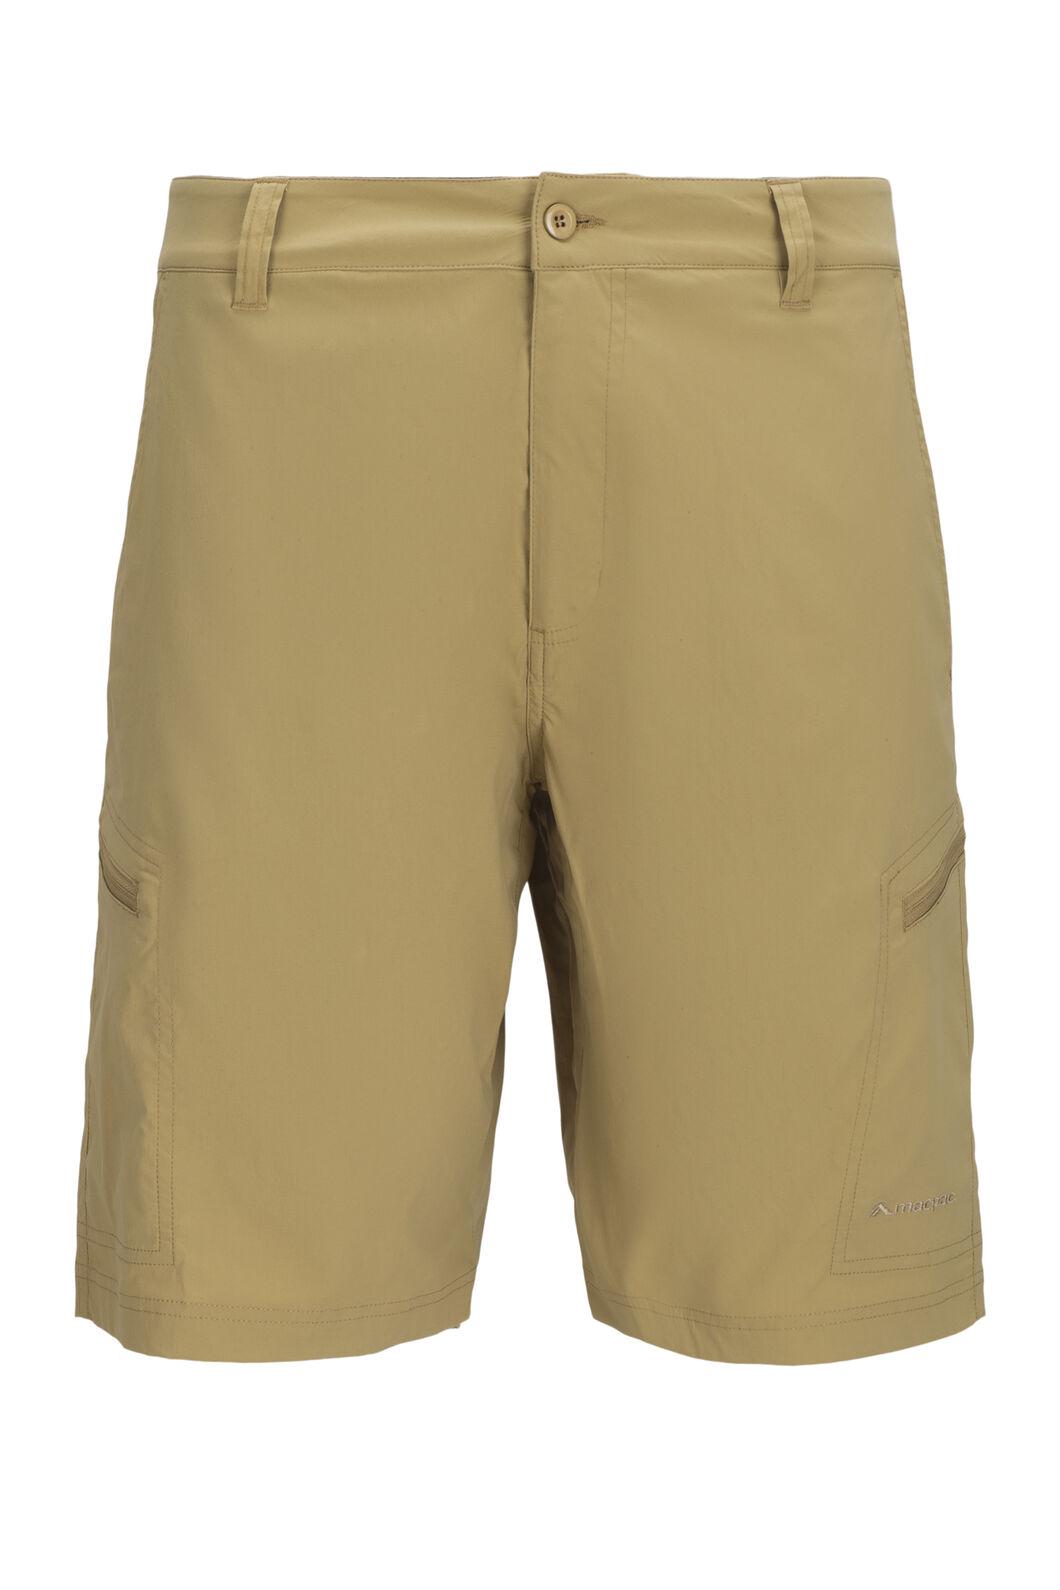 Macpac Men's Drift Shorts, Khaki, hi-res